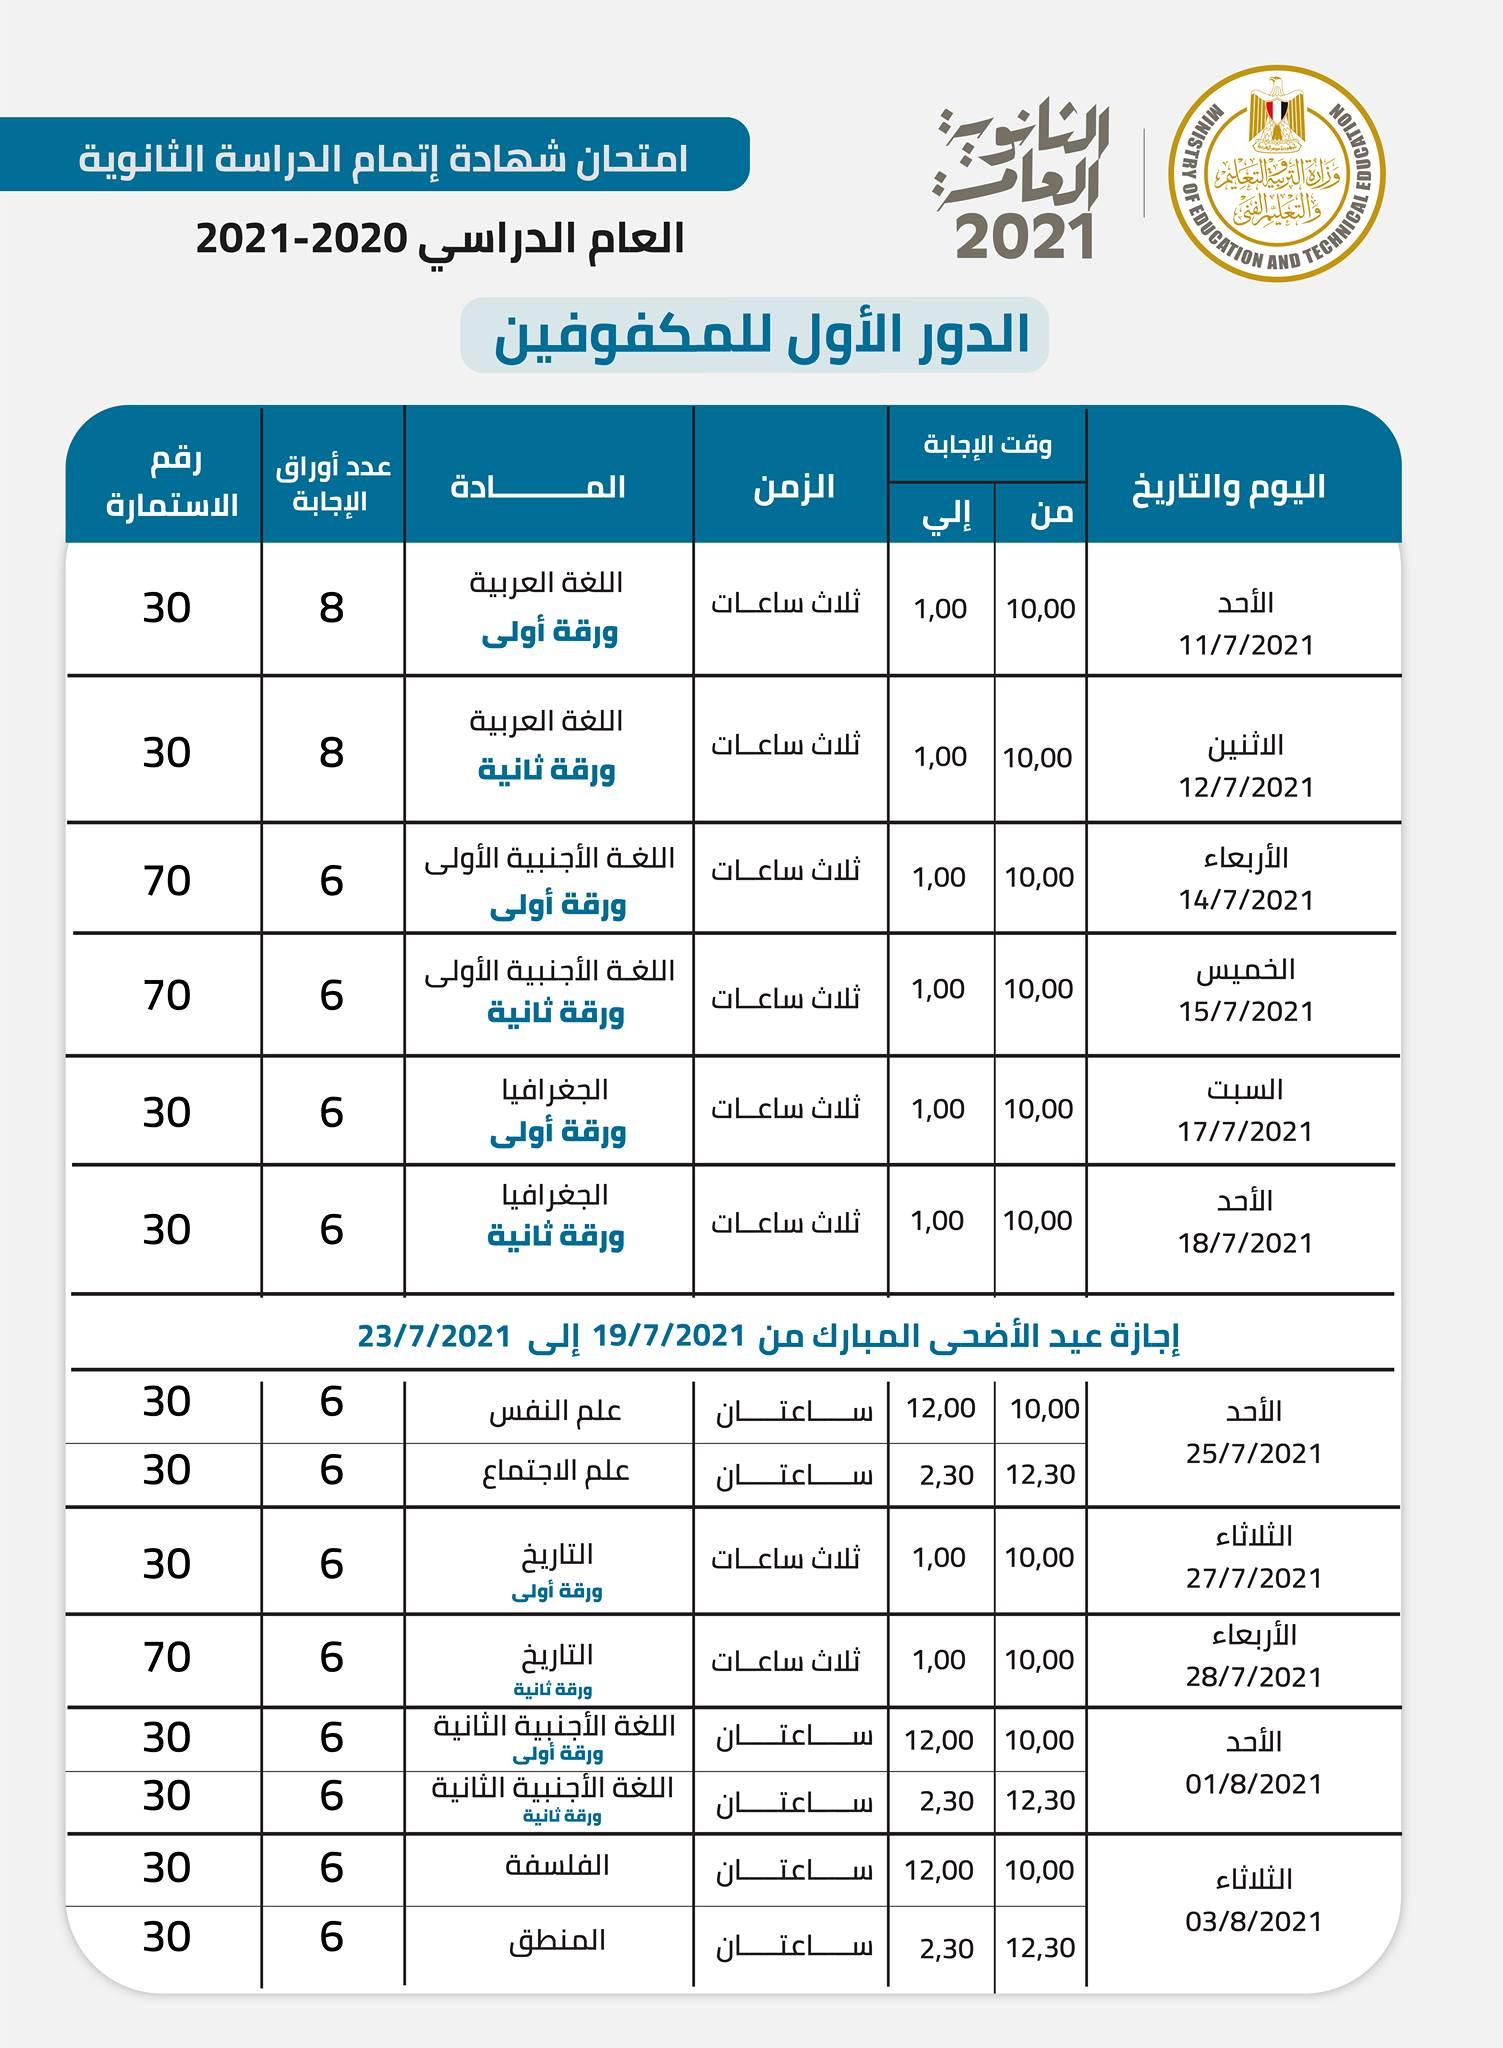 جدول امتحانات الثانوية العامة 2021 للطلاب المكفوفين